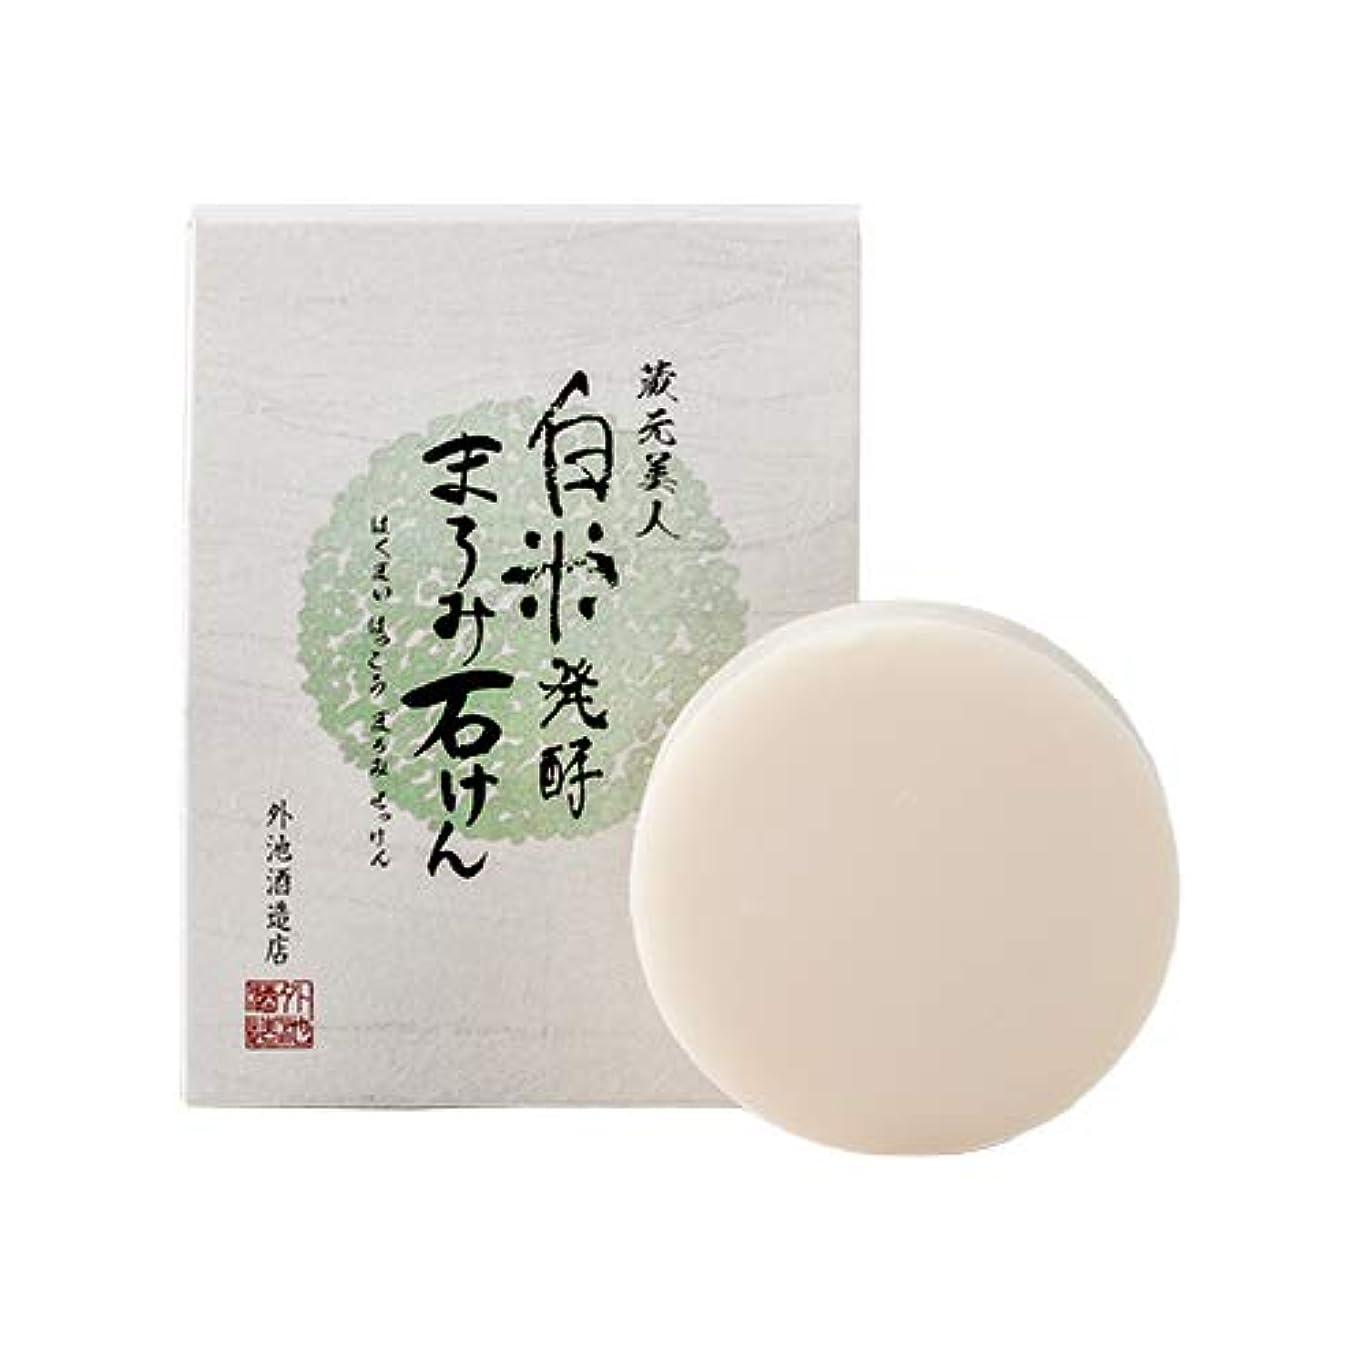 立ち寄る熟読する陽気な白米発酵まろみ石けん / 100g